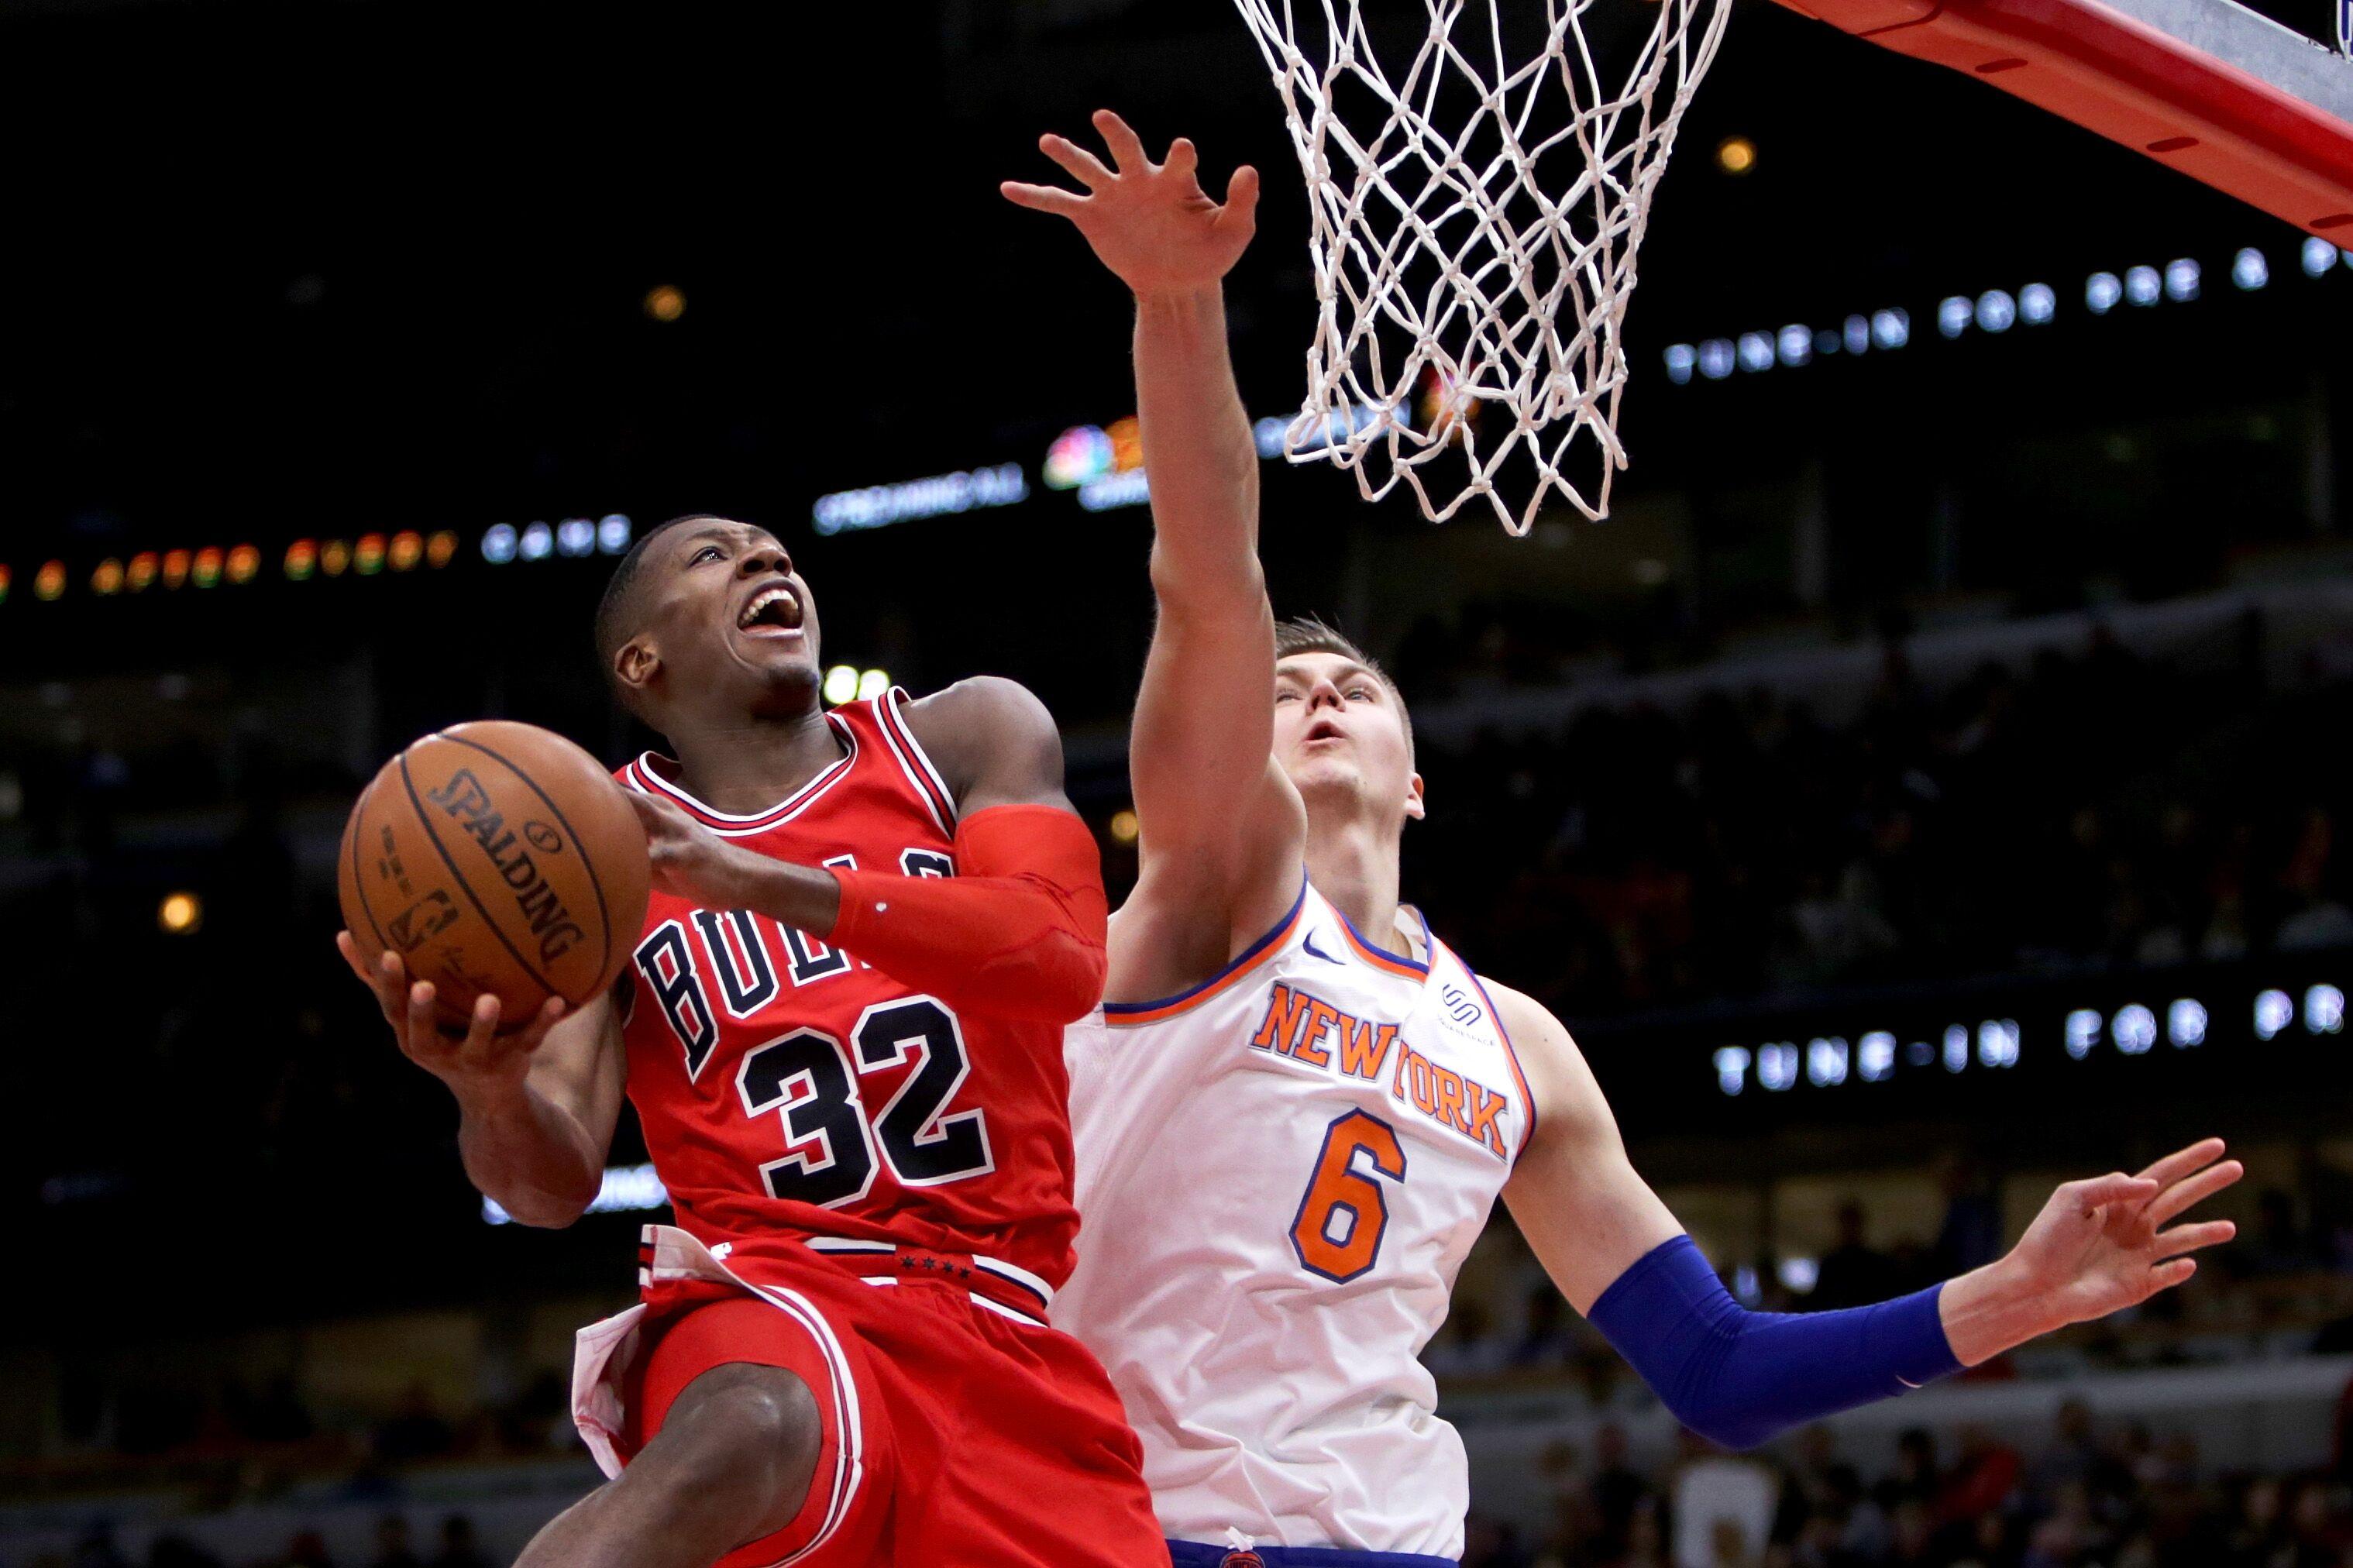 889137584-new-york-knicks-v-chicago-bulls.jpg